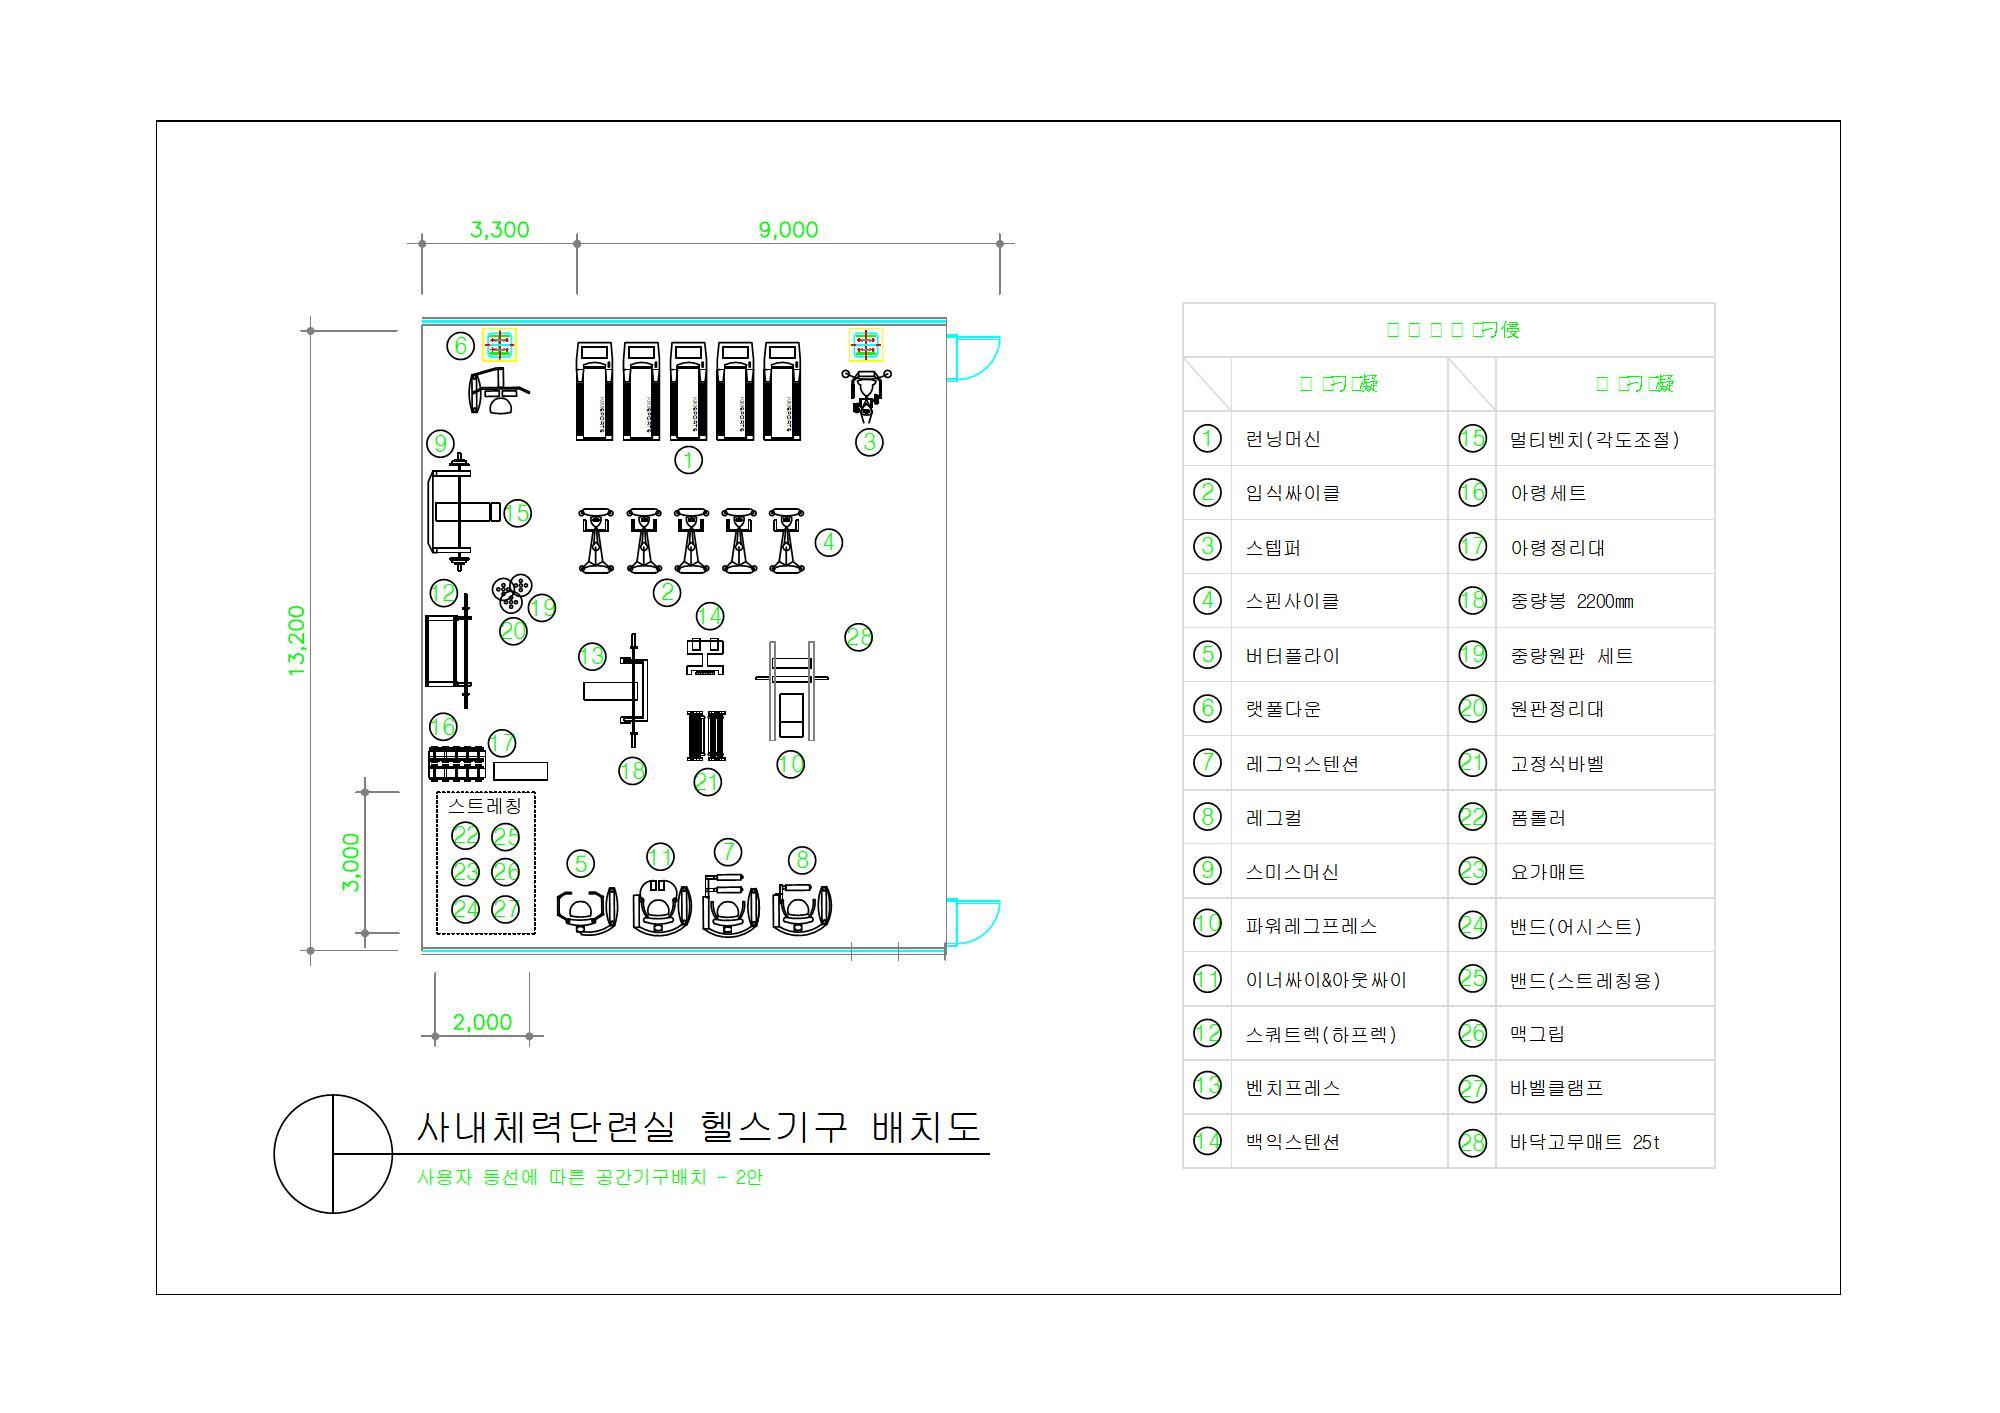 킴스포츠-헬스기구배치도-Model-2안_1.jpg